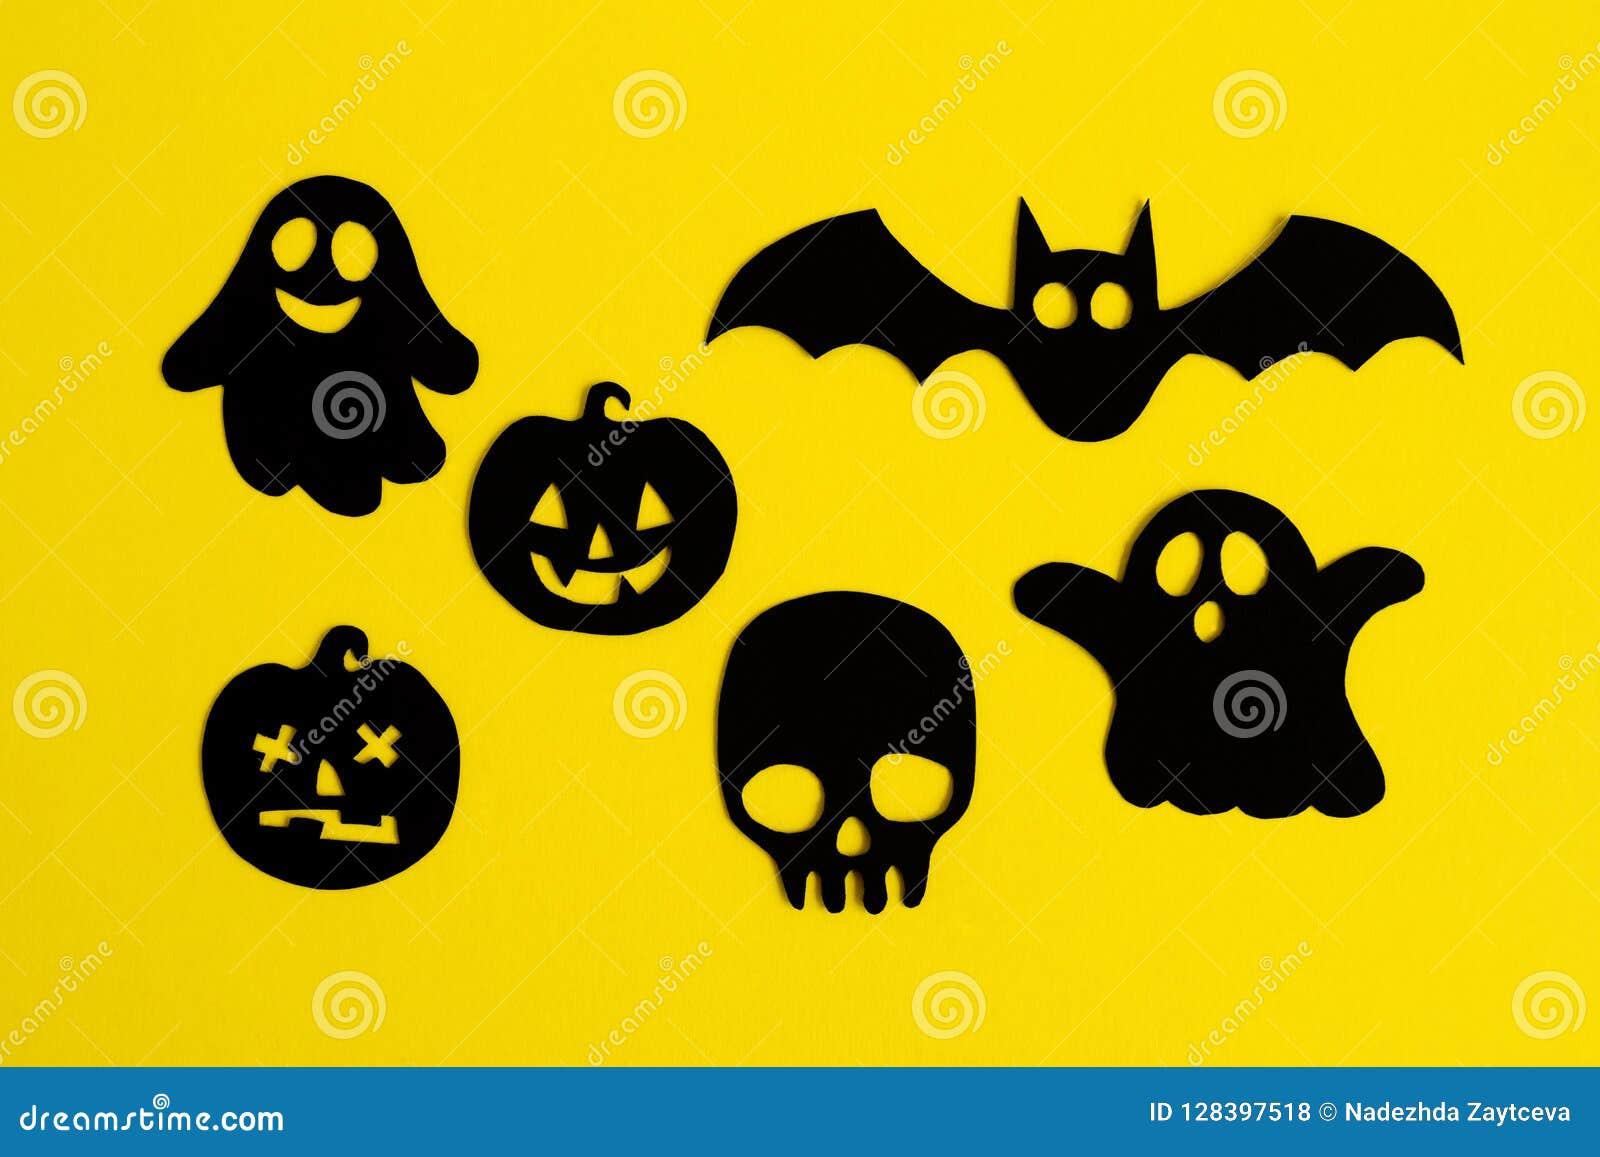 Decoraciones Del Día De Fiesta Para Halloween Fantasmas Calabazas Cráneo Y Palo De Papel Negros En Un Fondo Amarillo Visión Su Foto De Archivo Imagen De Fondo Objeto 128397518